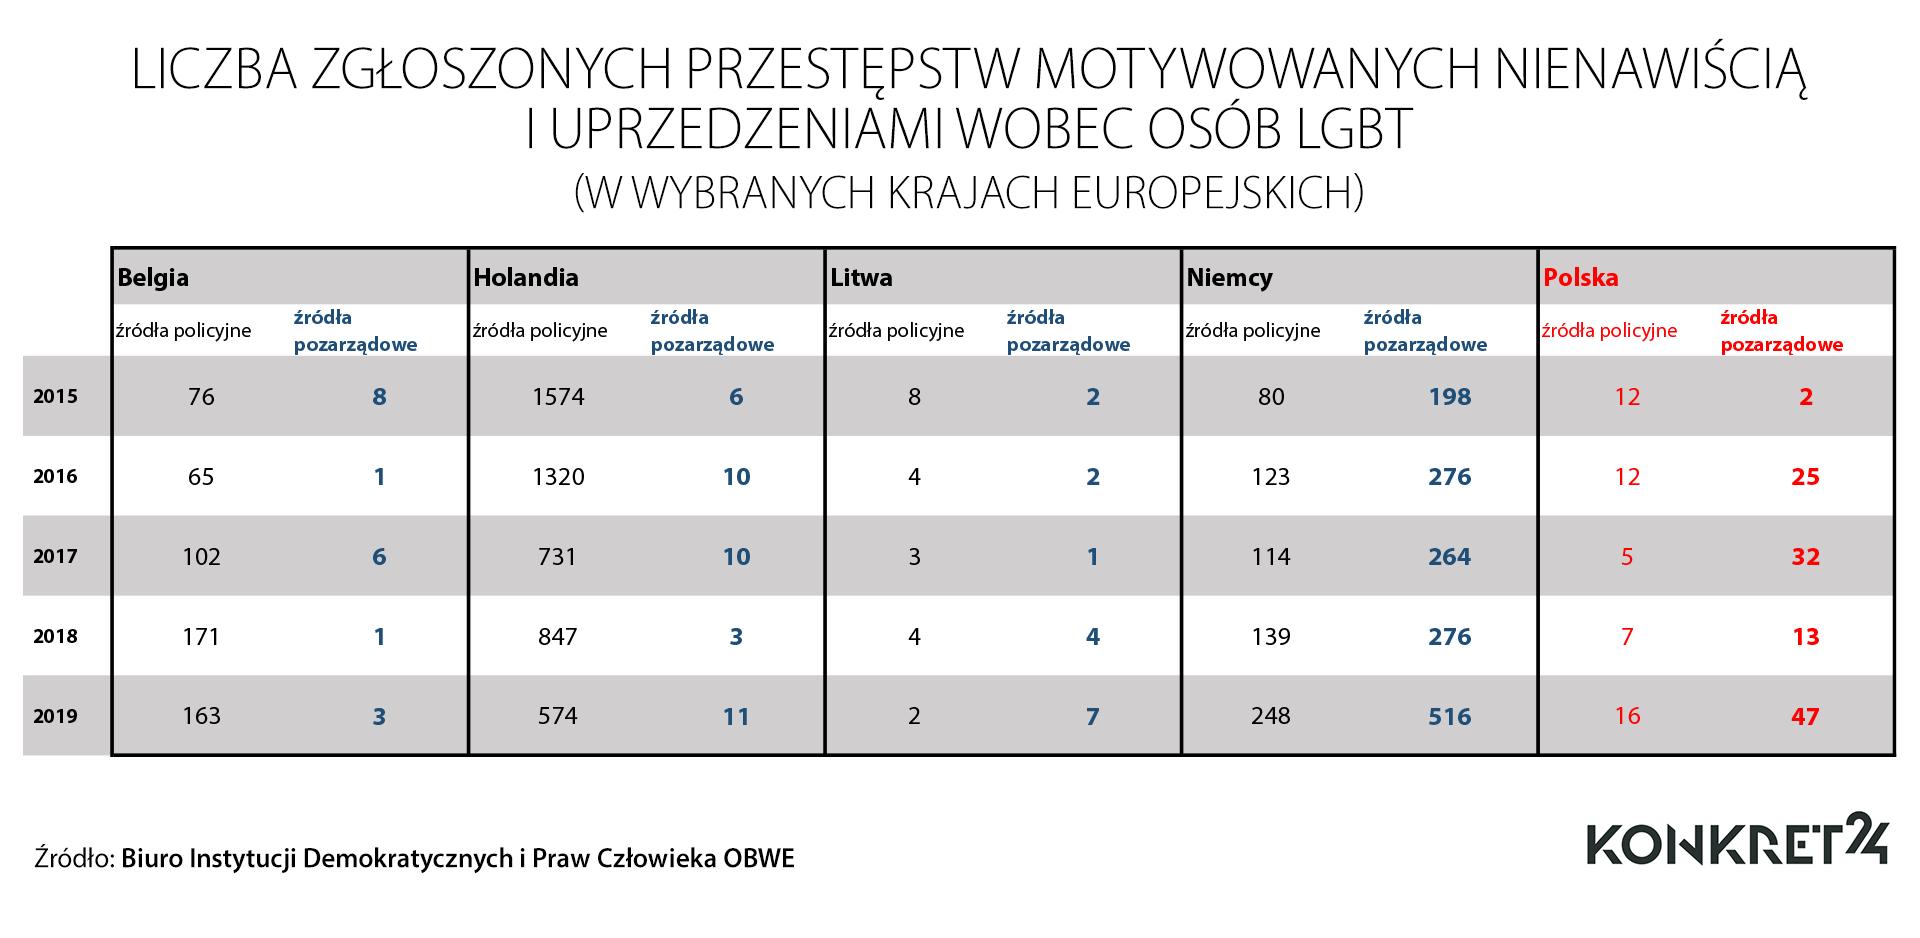 Liczba przestępstw wobec osób LGBTIQ w wybranych krajach europejskich